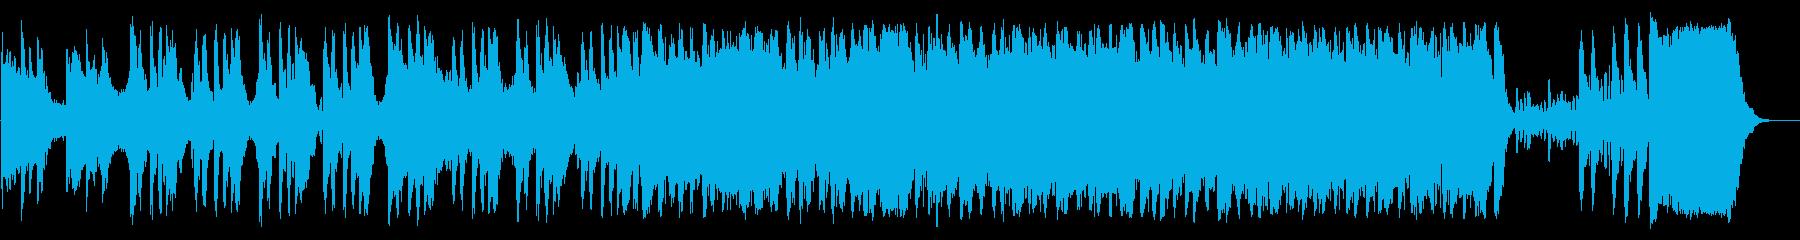 ゲームのオープニングに合うオーケストラの再生済みの波形